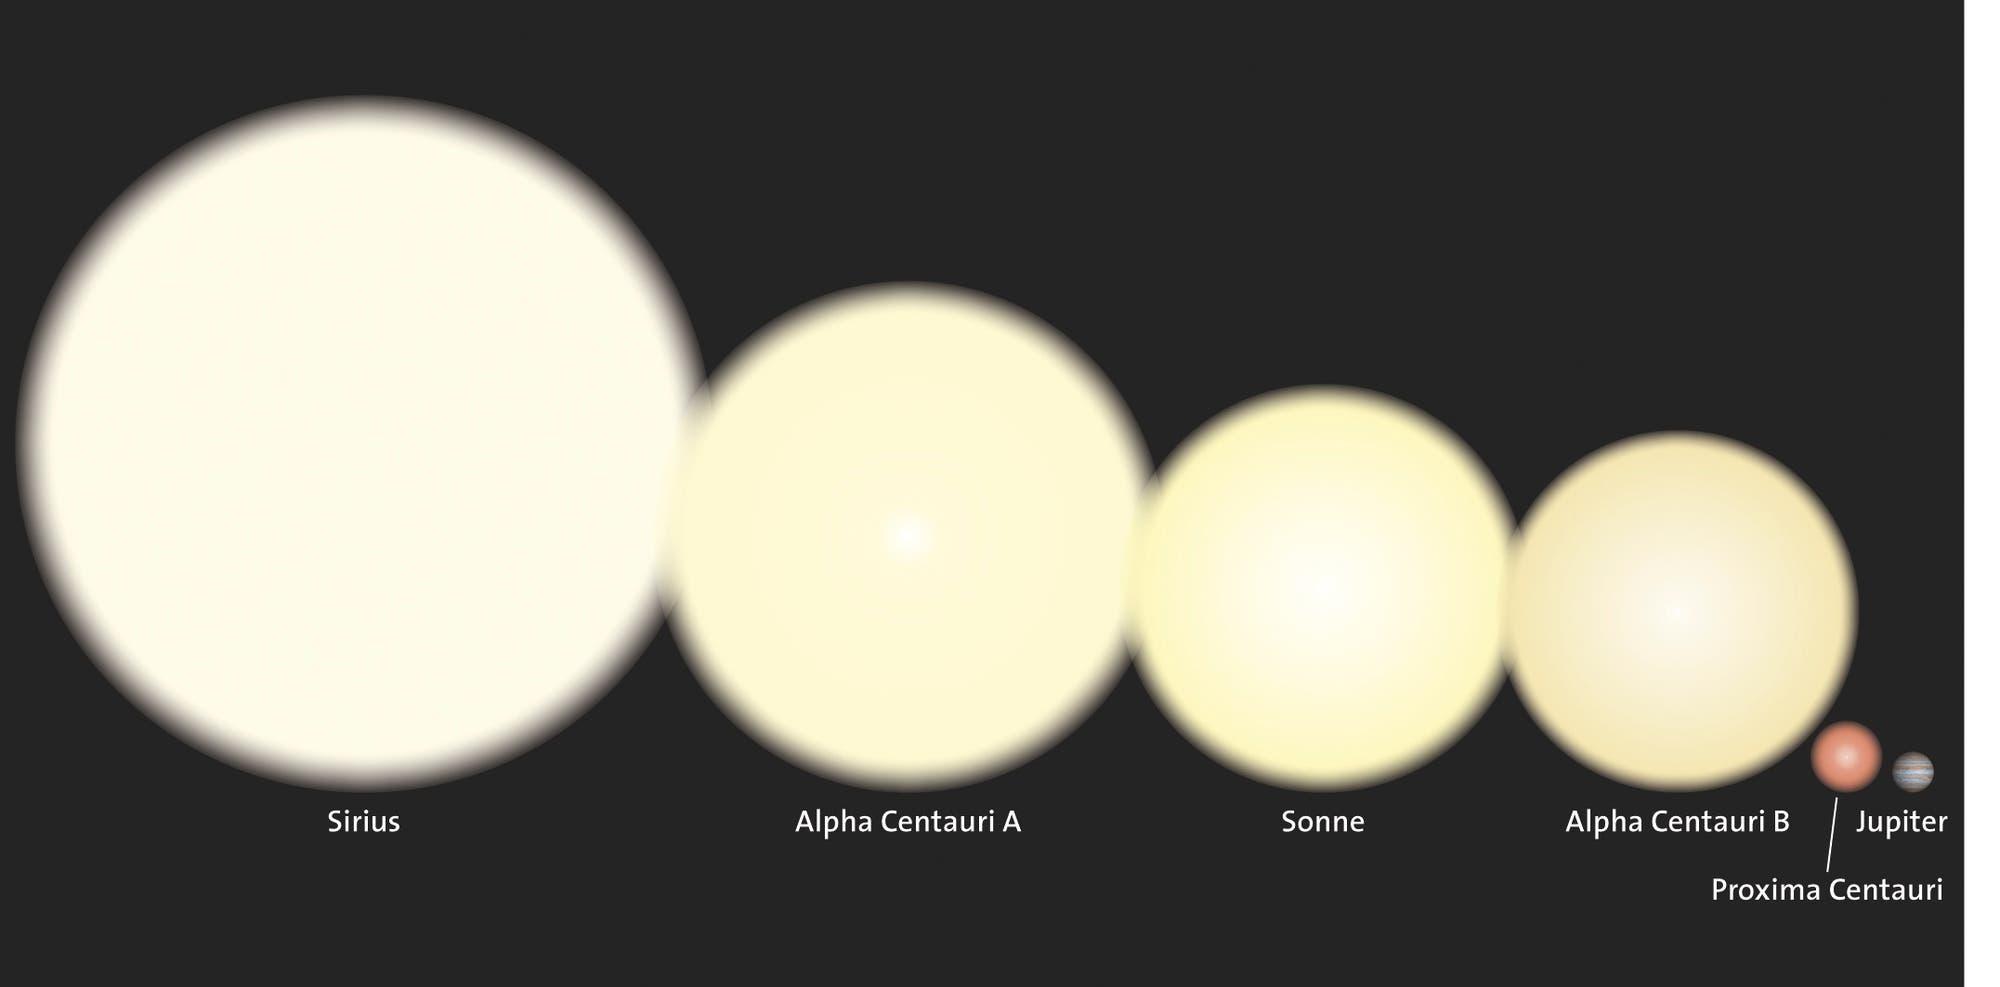 Proxima Centauri im Größenvergleich zu nahen Sternen